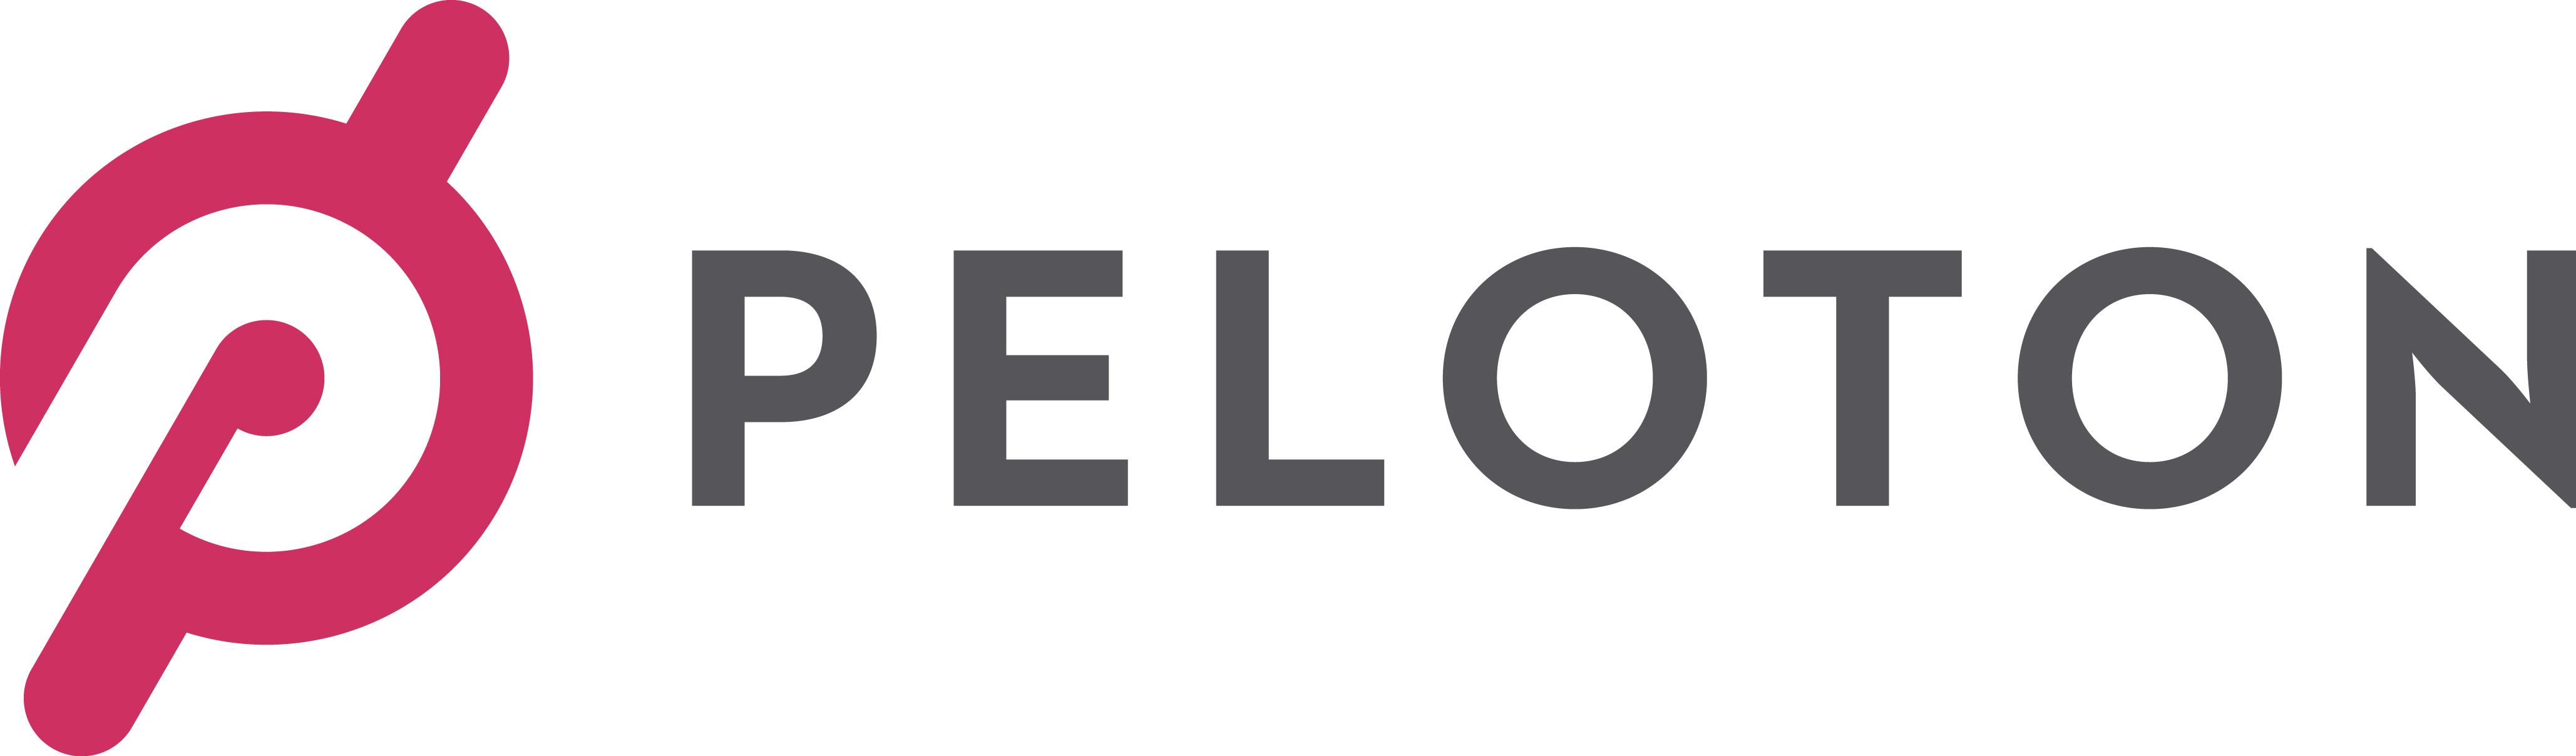 Peleton